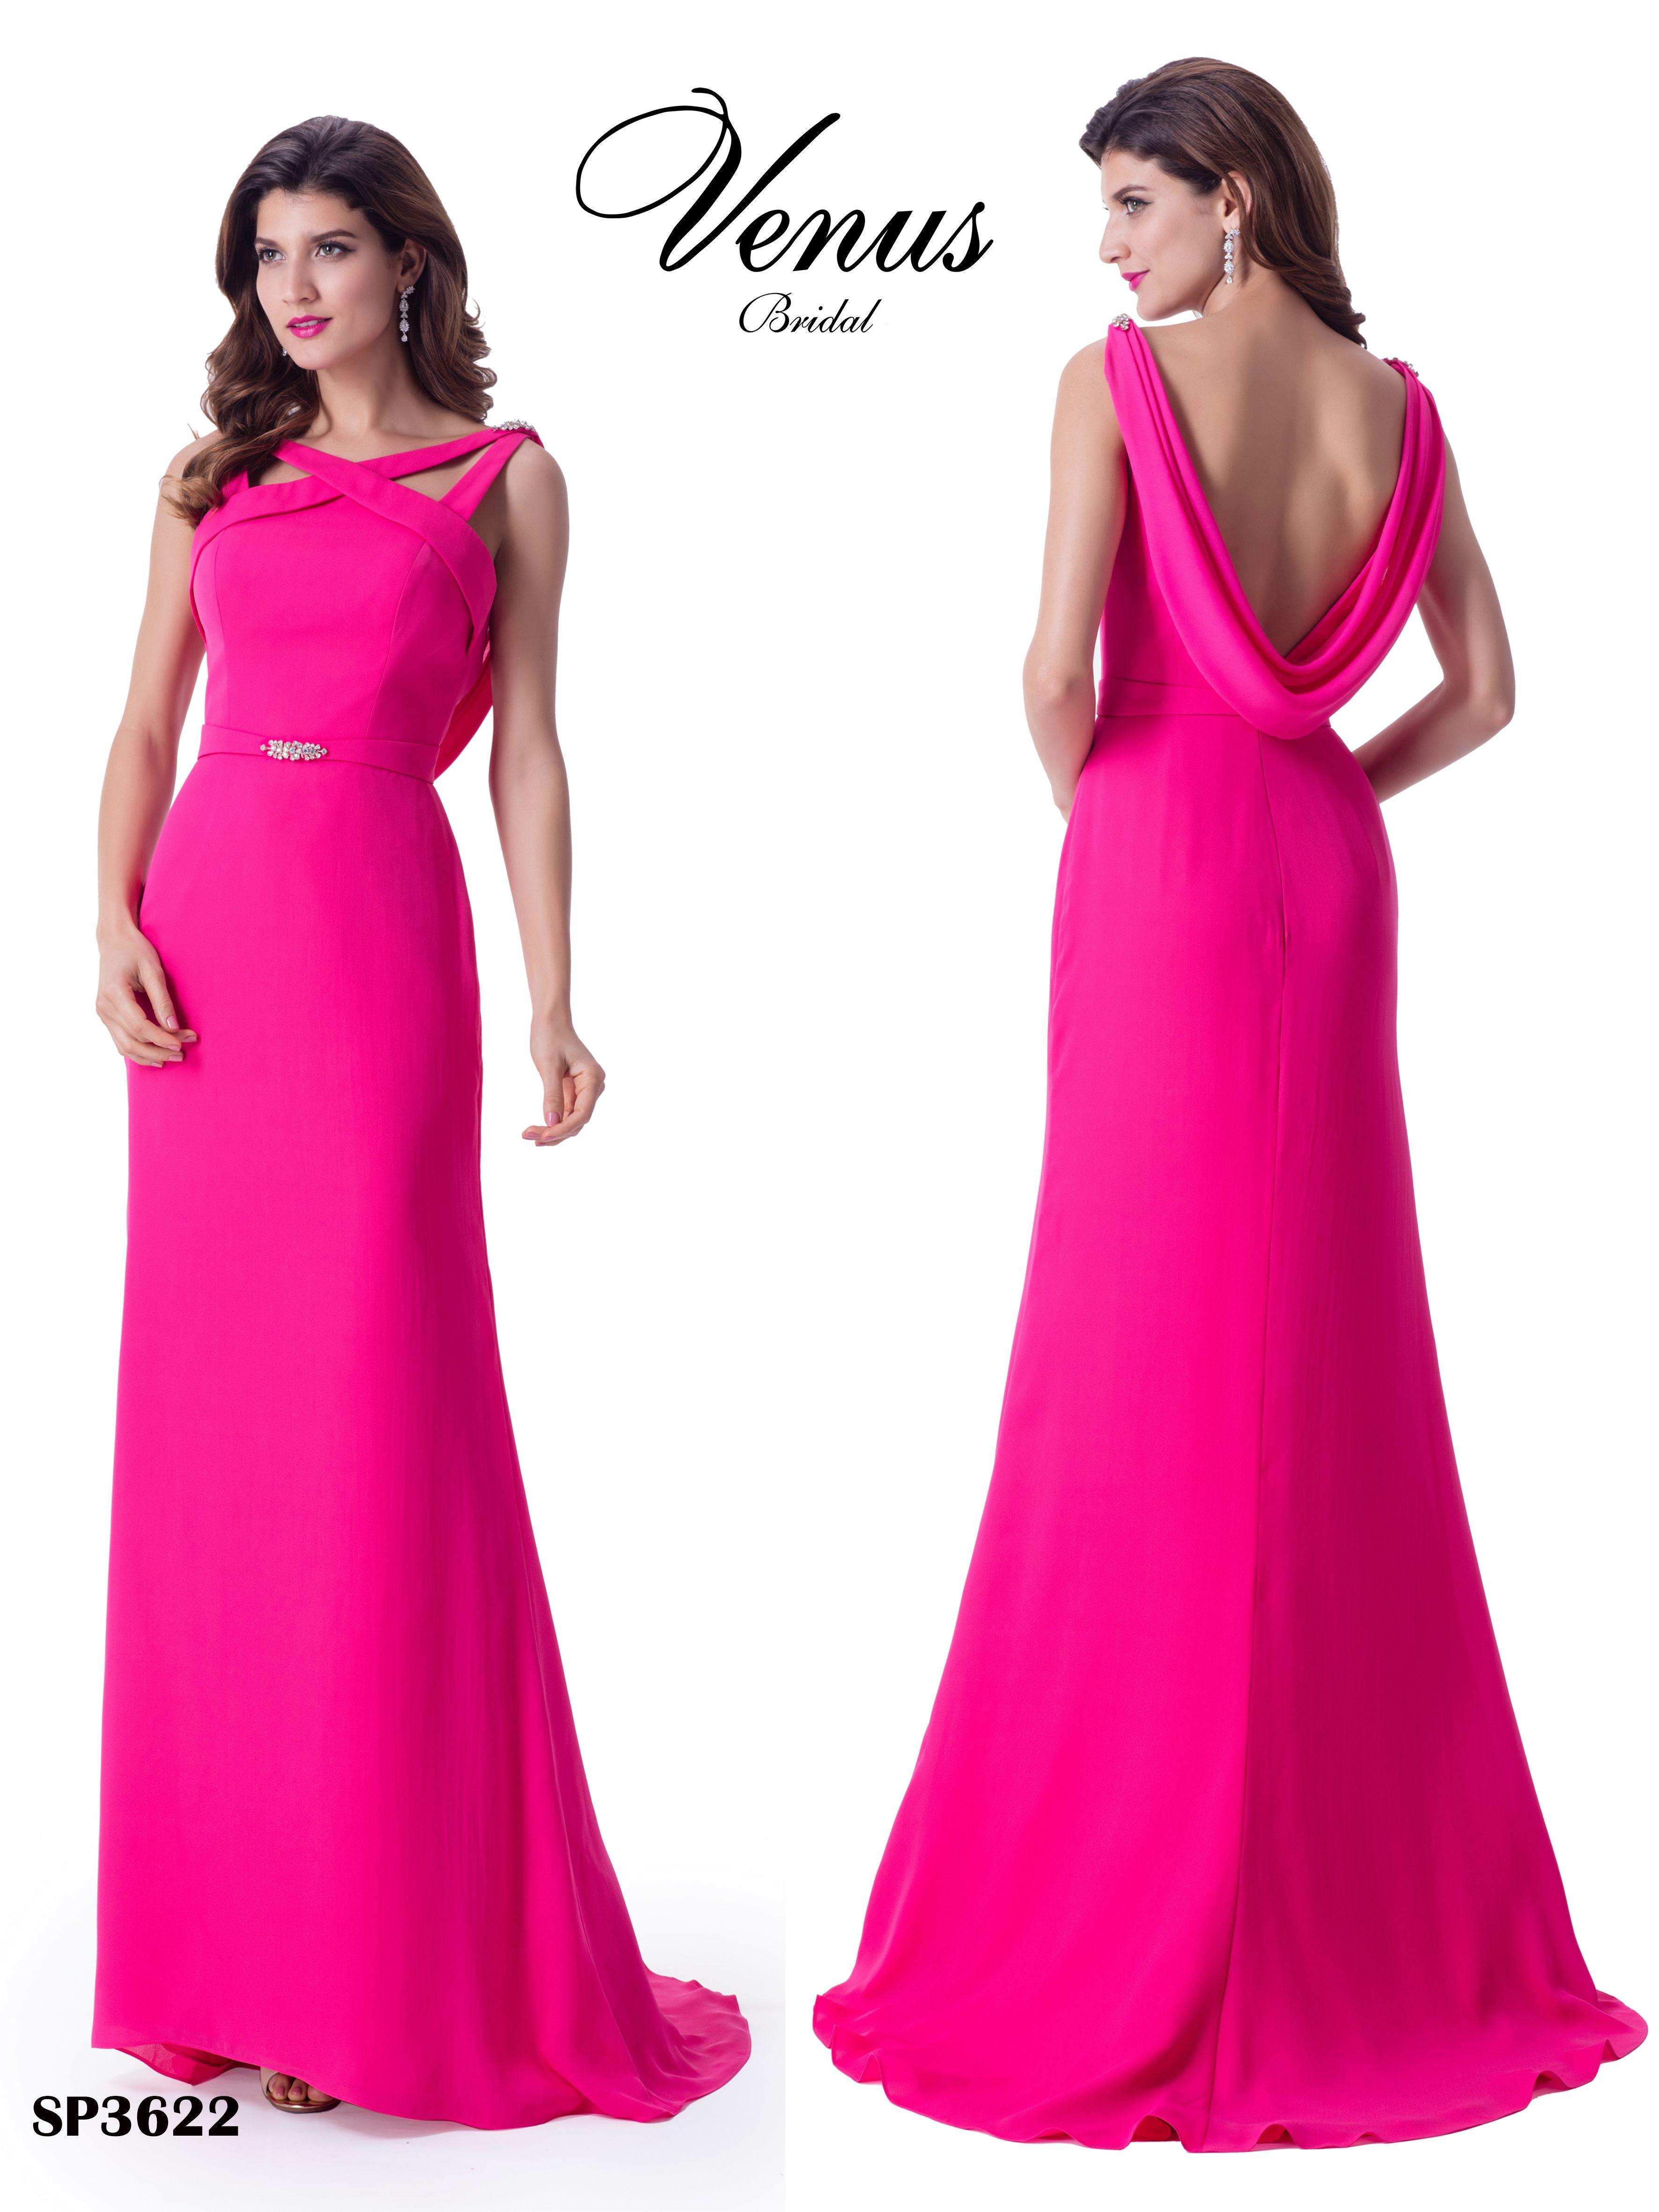 Lujo Rosa Rubor Vestidos De Dama Ornamento - Colección de Vestidos ...